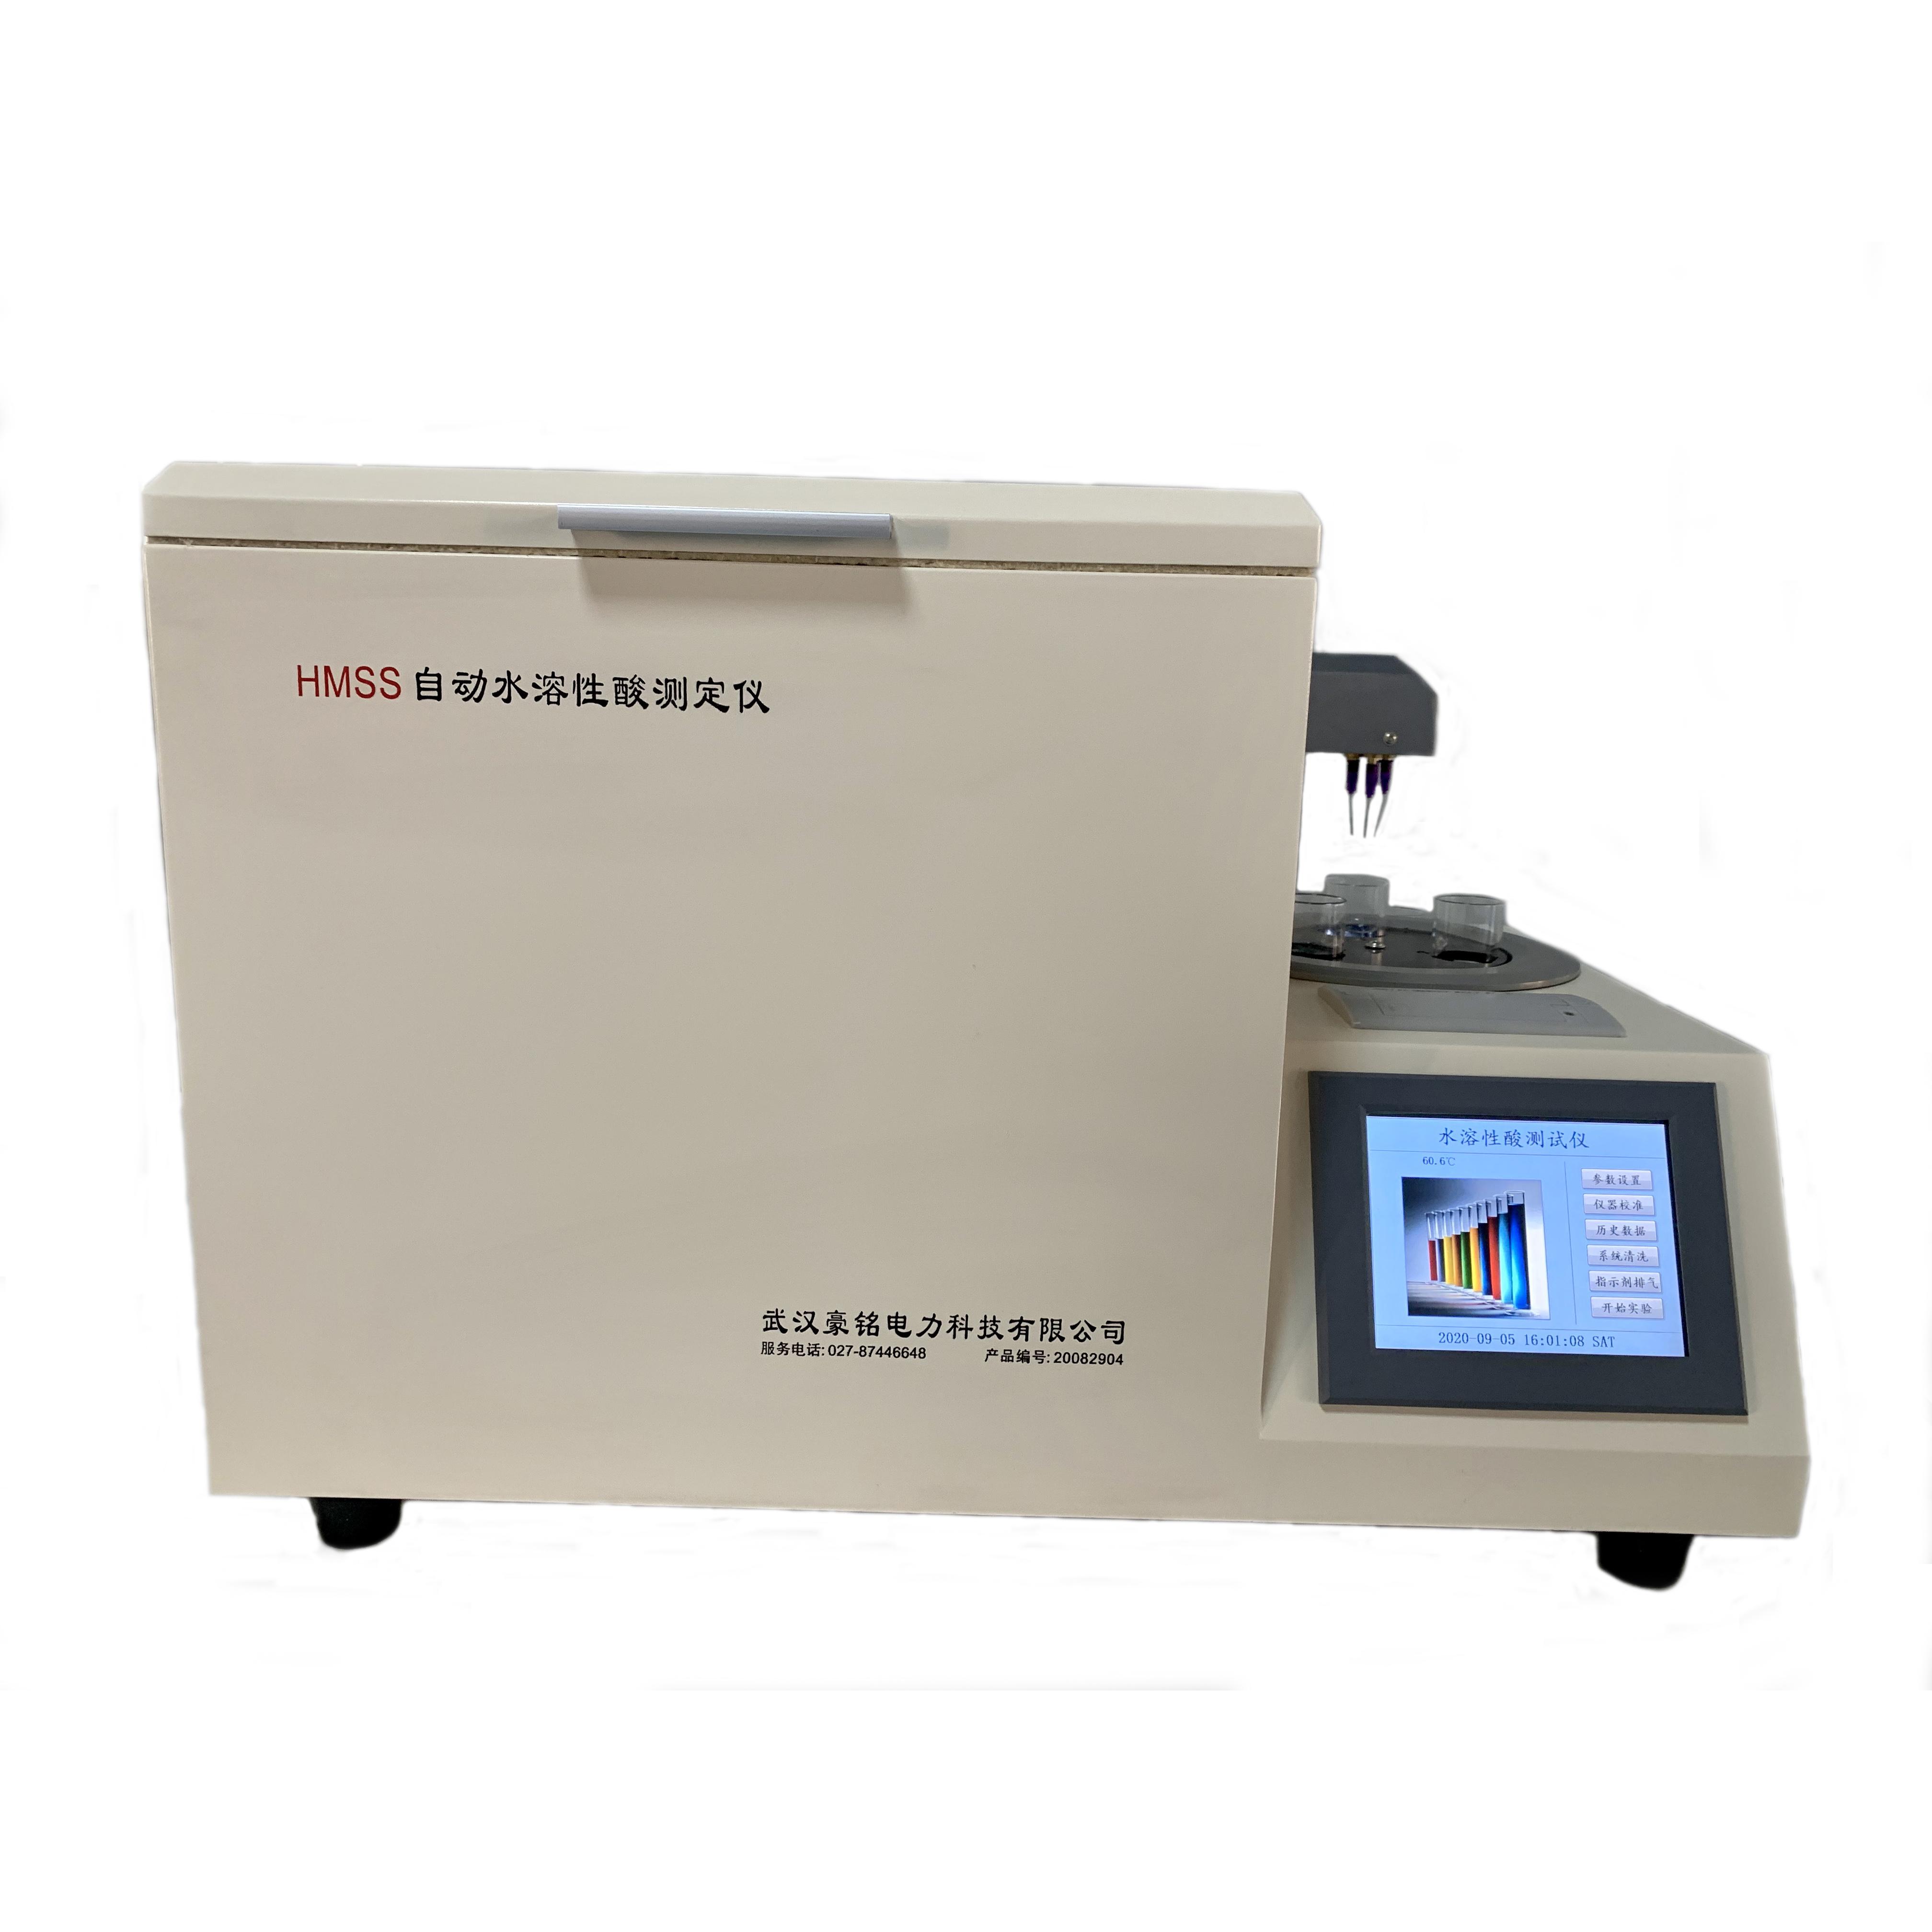 HMSS自動水溶性酸測定儀